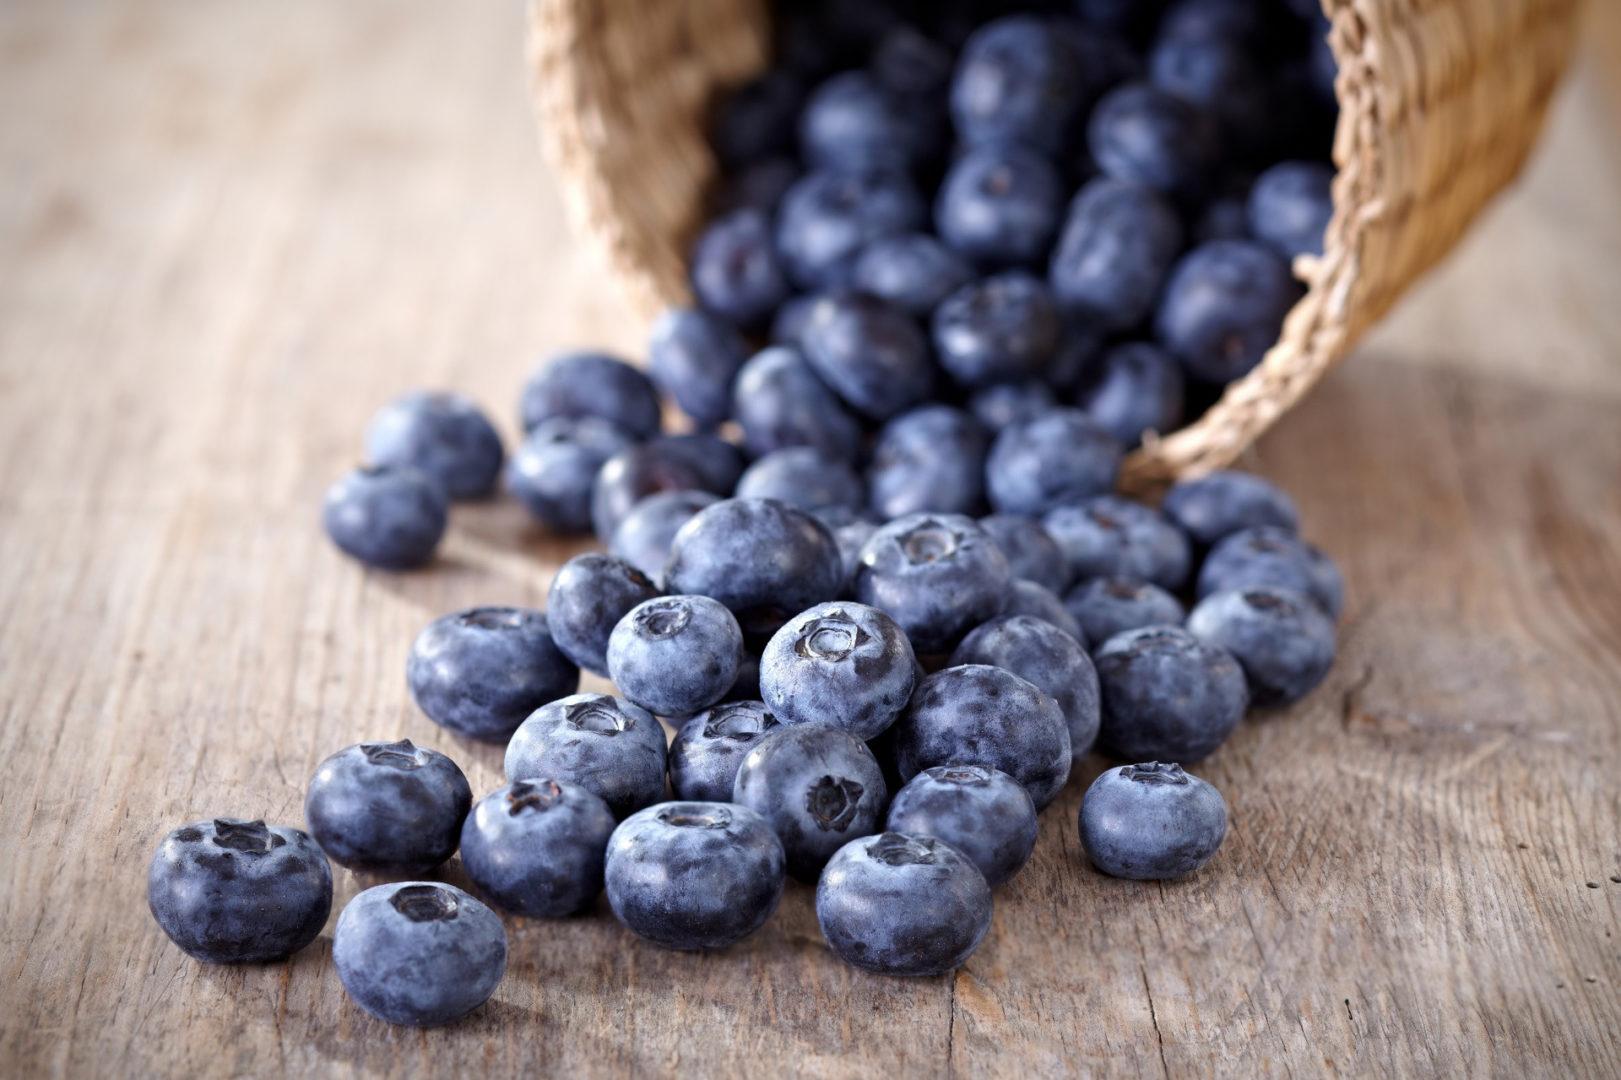 τροφές που ρίχνουν τη χοληστερίνη - BLUEBERRIES NATURESHOUSEGR - 6+1 τροφές που ρίχνουν τη χοληστερίνη